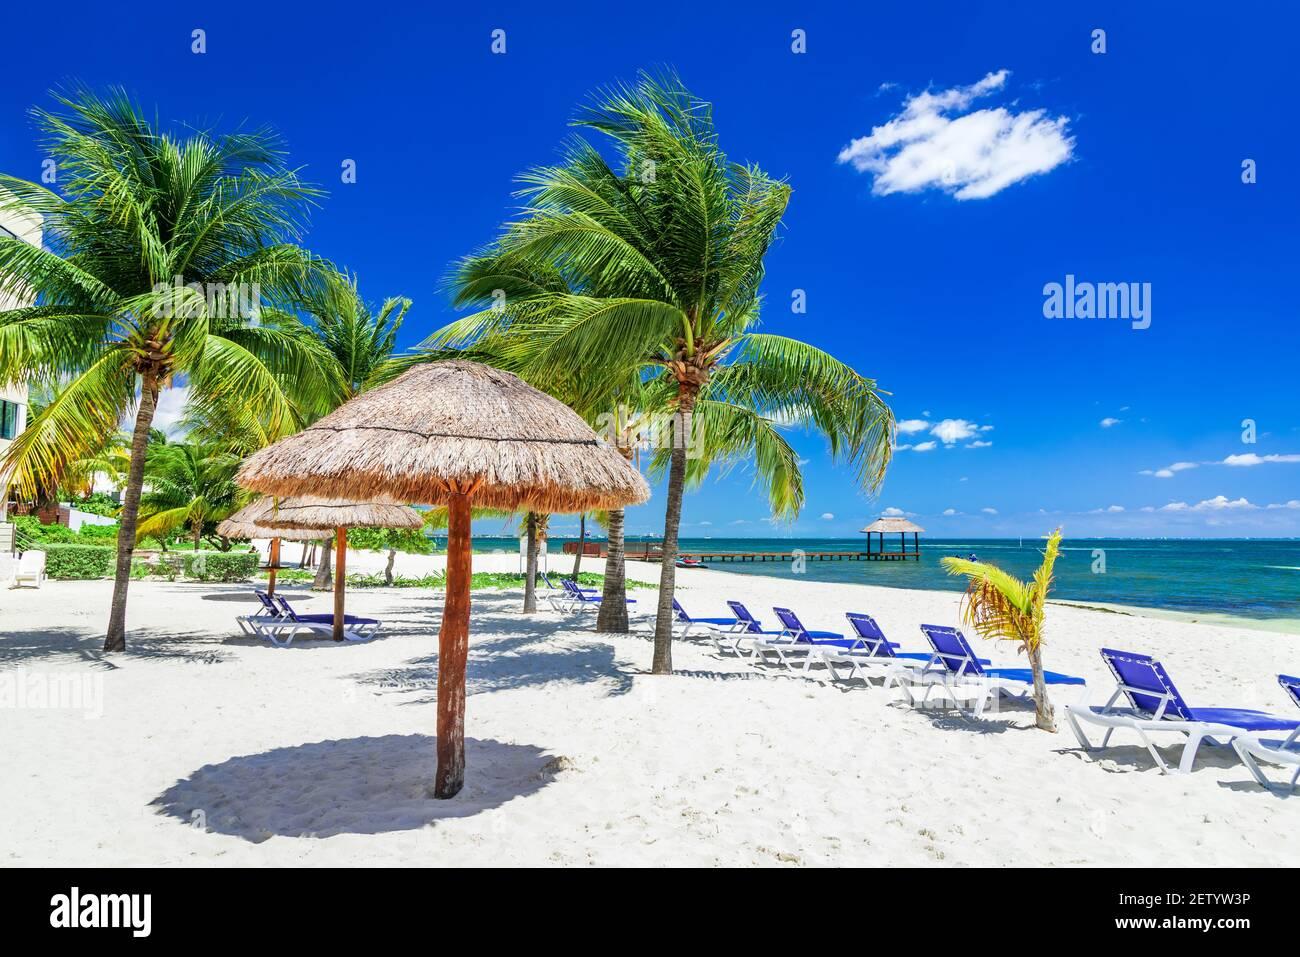 Cancun, Mexique - Paysage tropical avec des cocotiers palmiers Caraïbes plage Yucatan Peninsula en Amérique centrale Banque D'Images